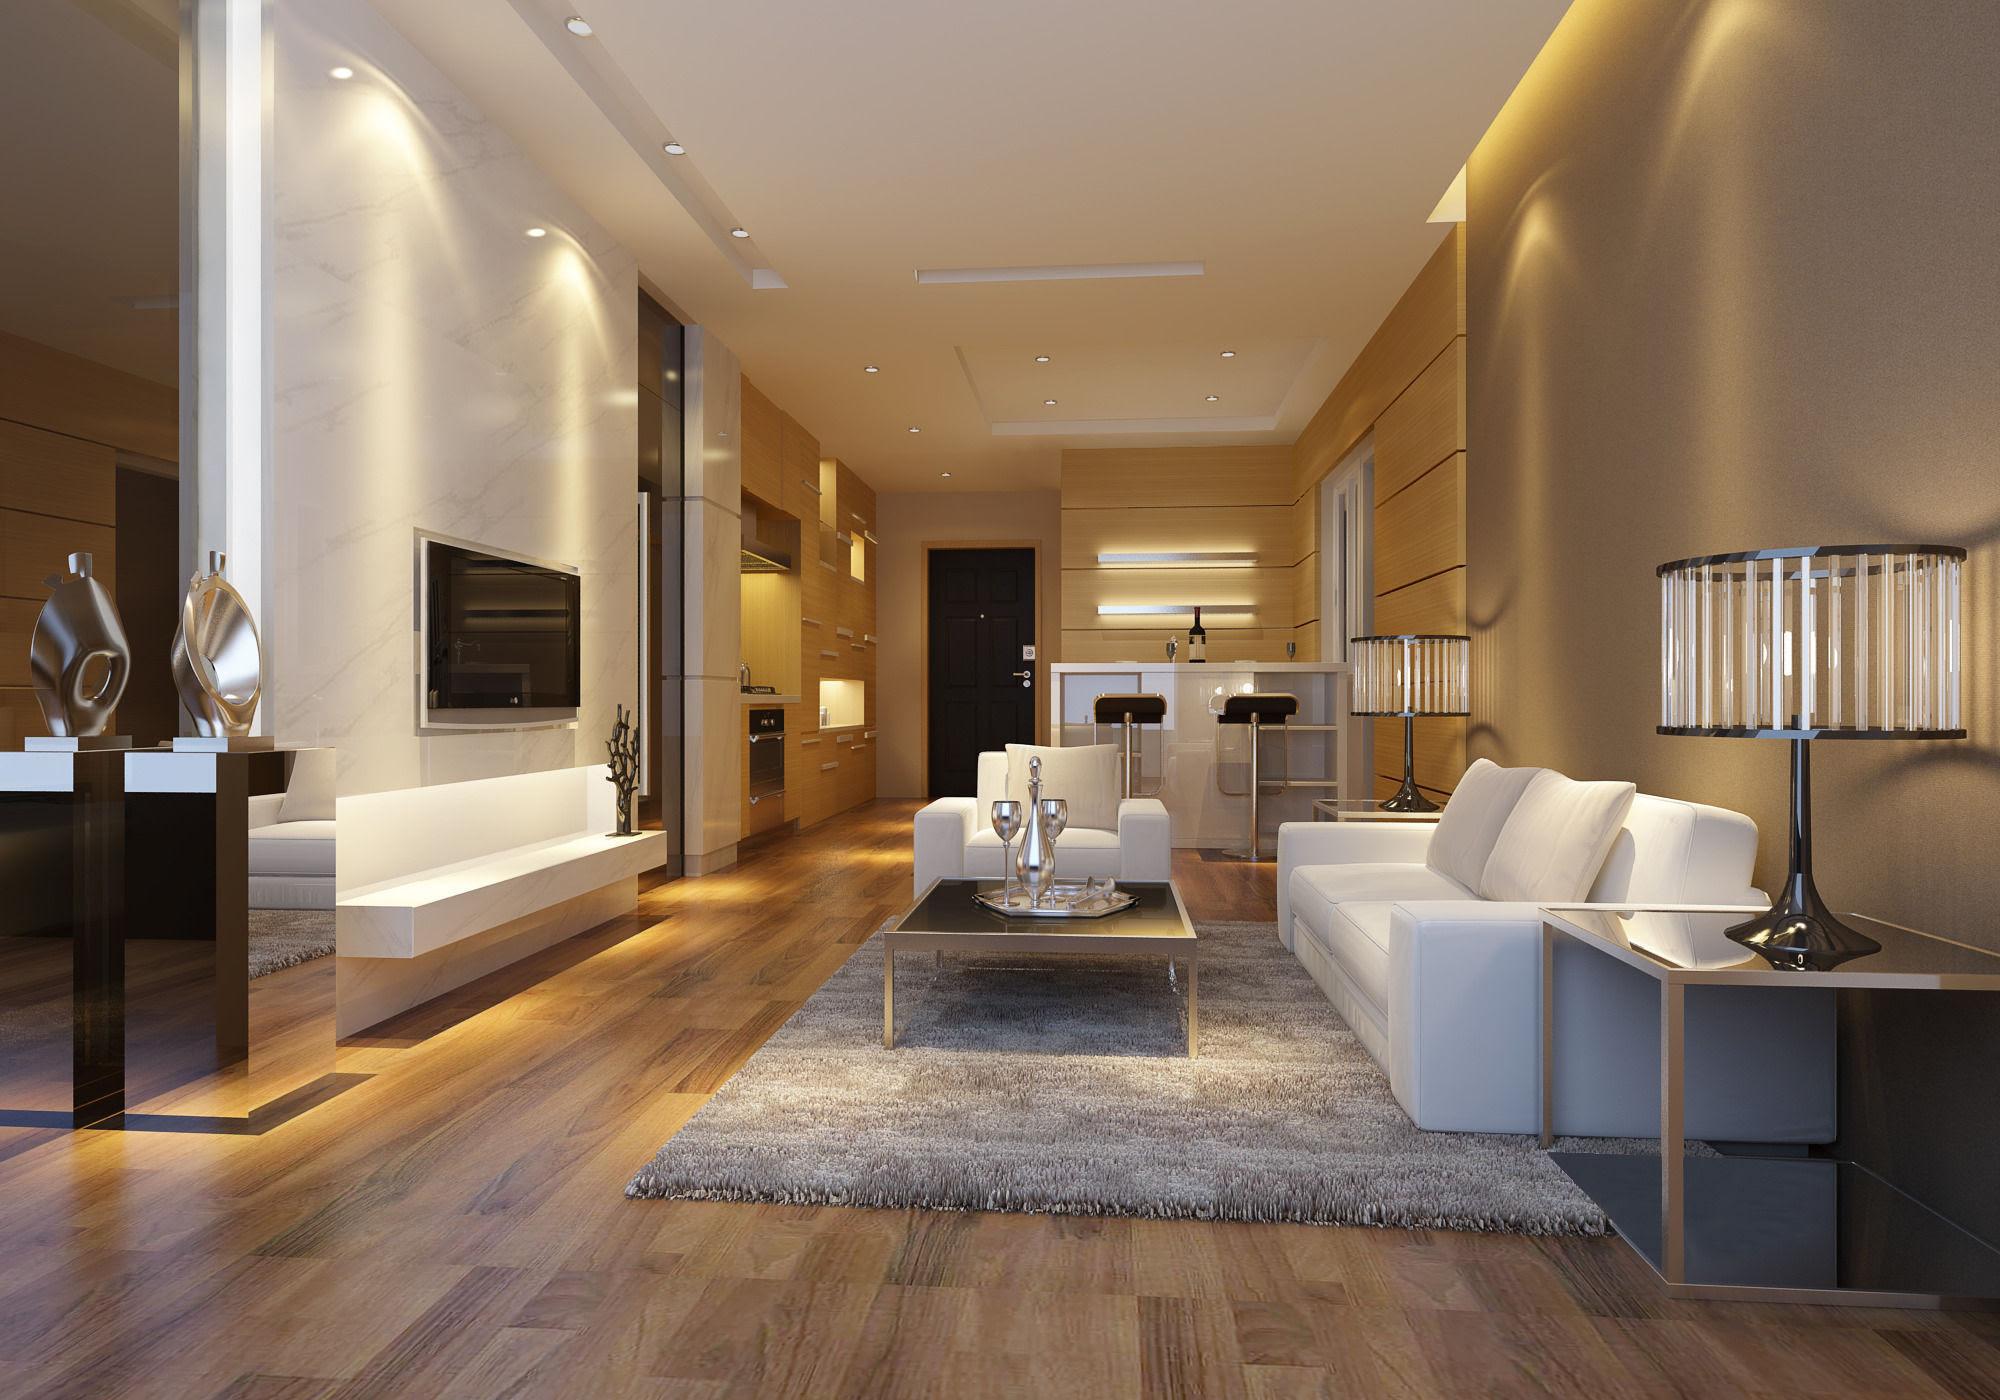 Realistic Interior Design 273 3D Model .max  CGTrader.com